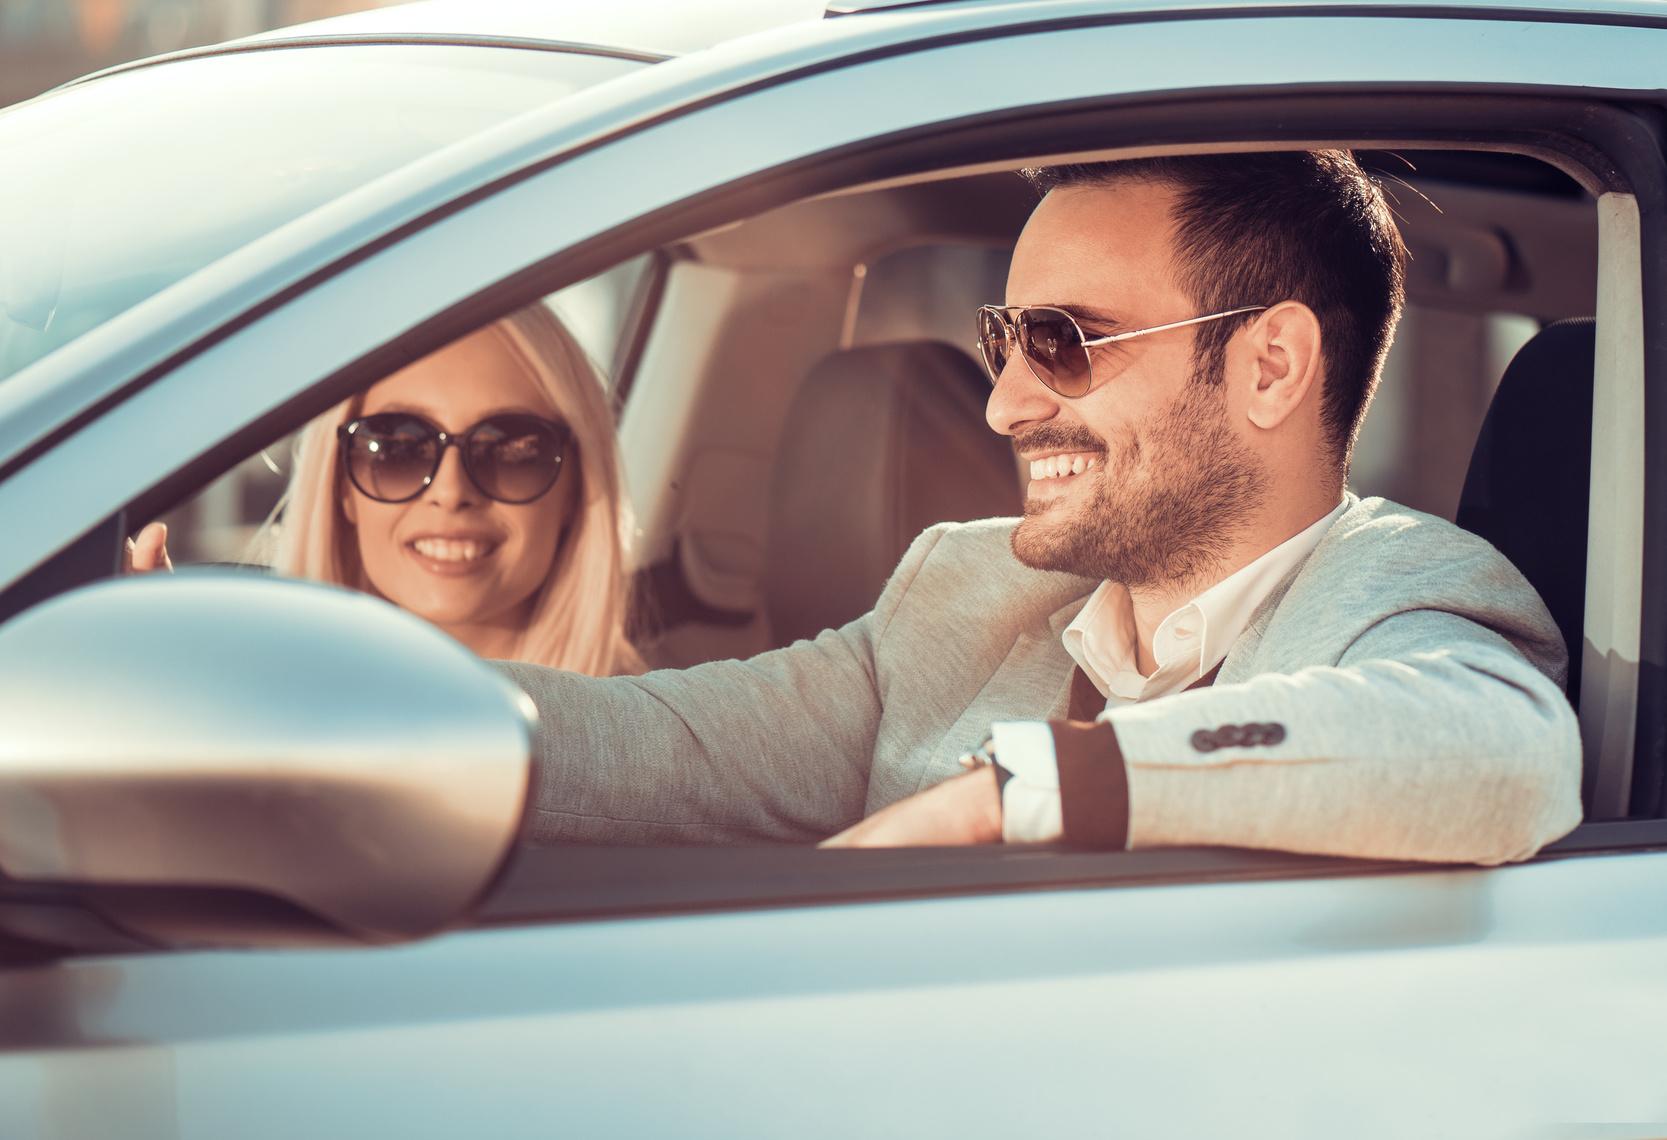 Sonnenbrillen für Autofahrer müssen verkehrstauglich sein